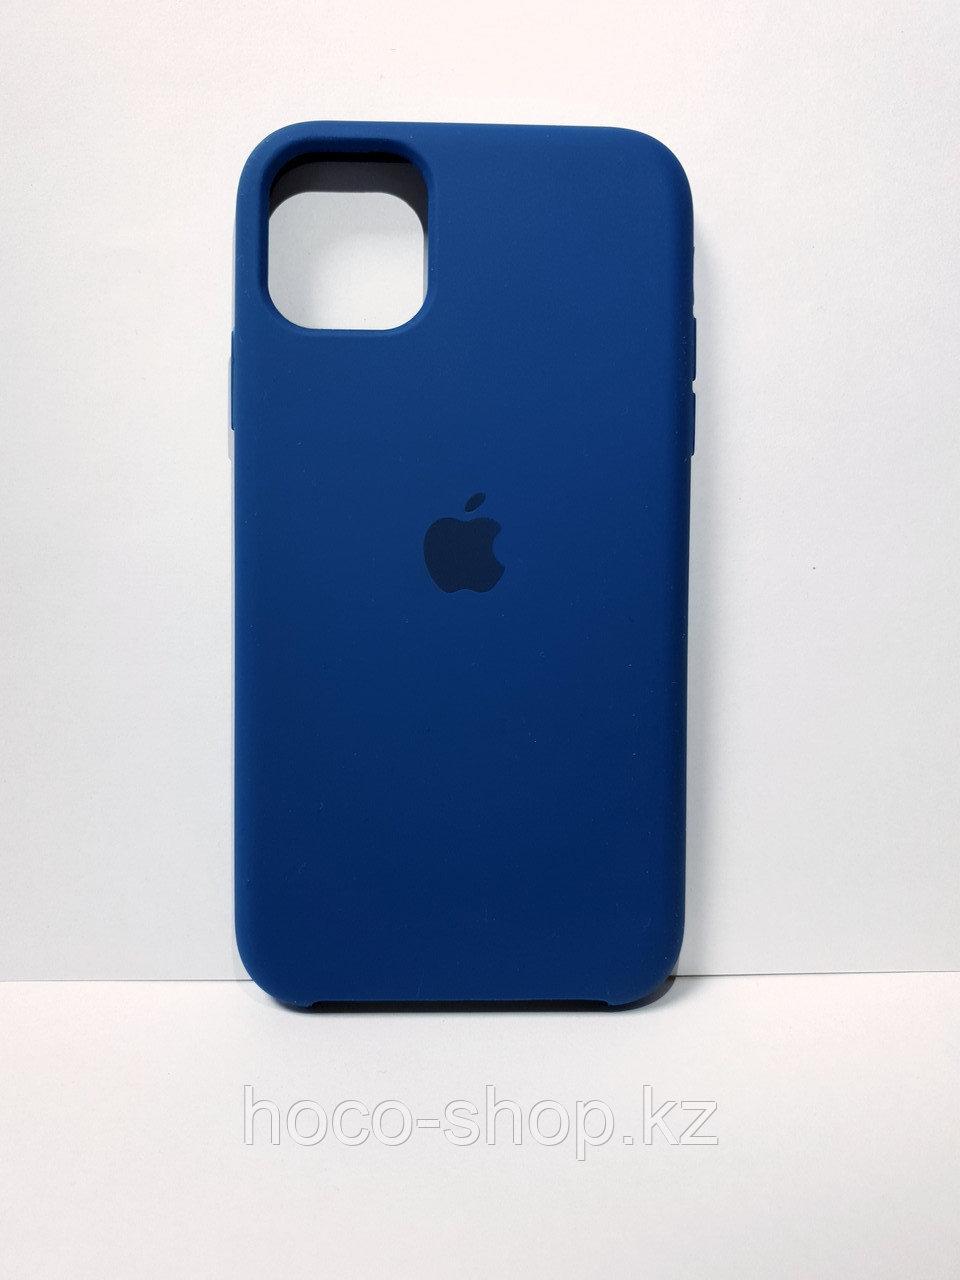 Защитный чехол для iPhone 11 Soft Touch силиконовый, синий